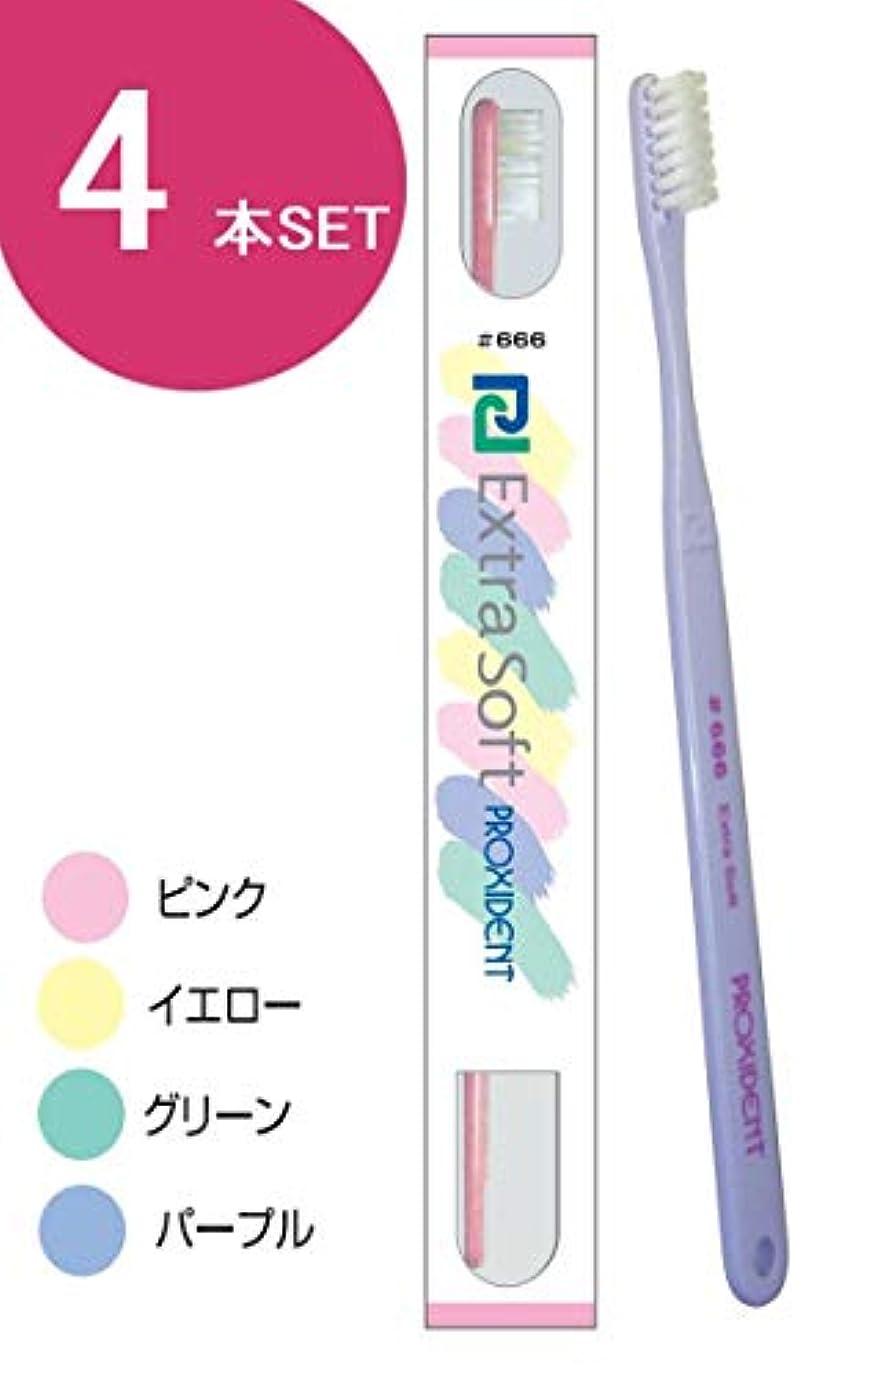 ワンダー海外で化学薬品プローデント プロキシデント コンパクトヘッド ES(エクストラソフト) 歯ブラシ #666 (4本)